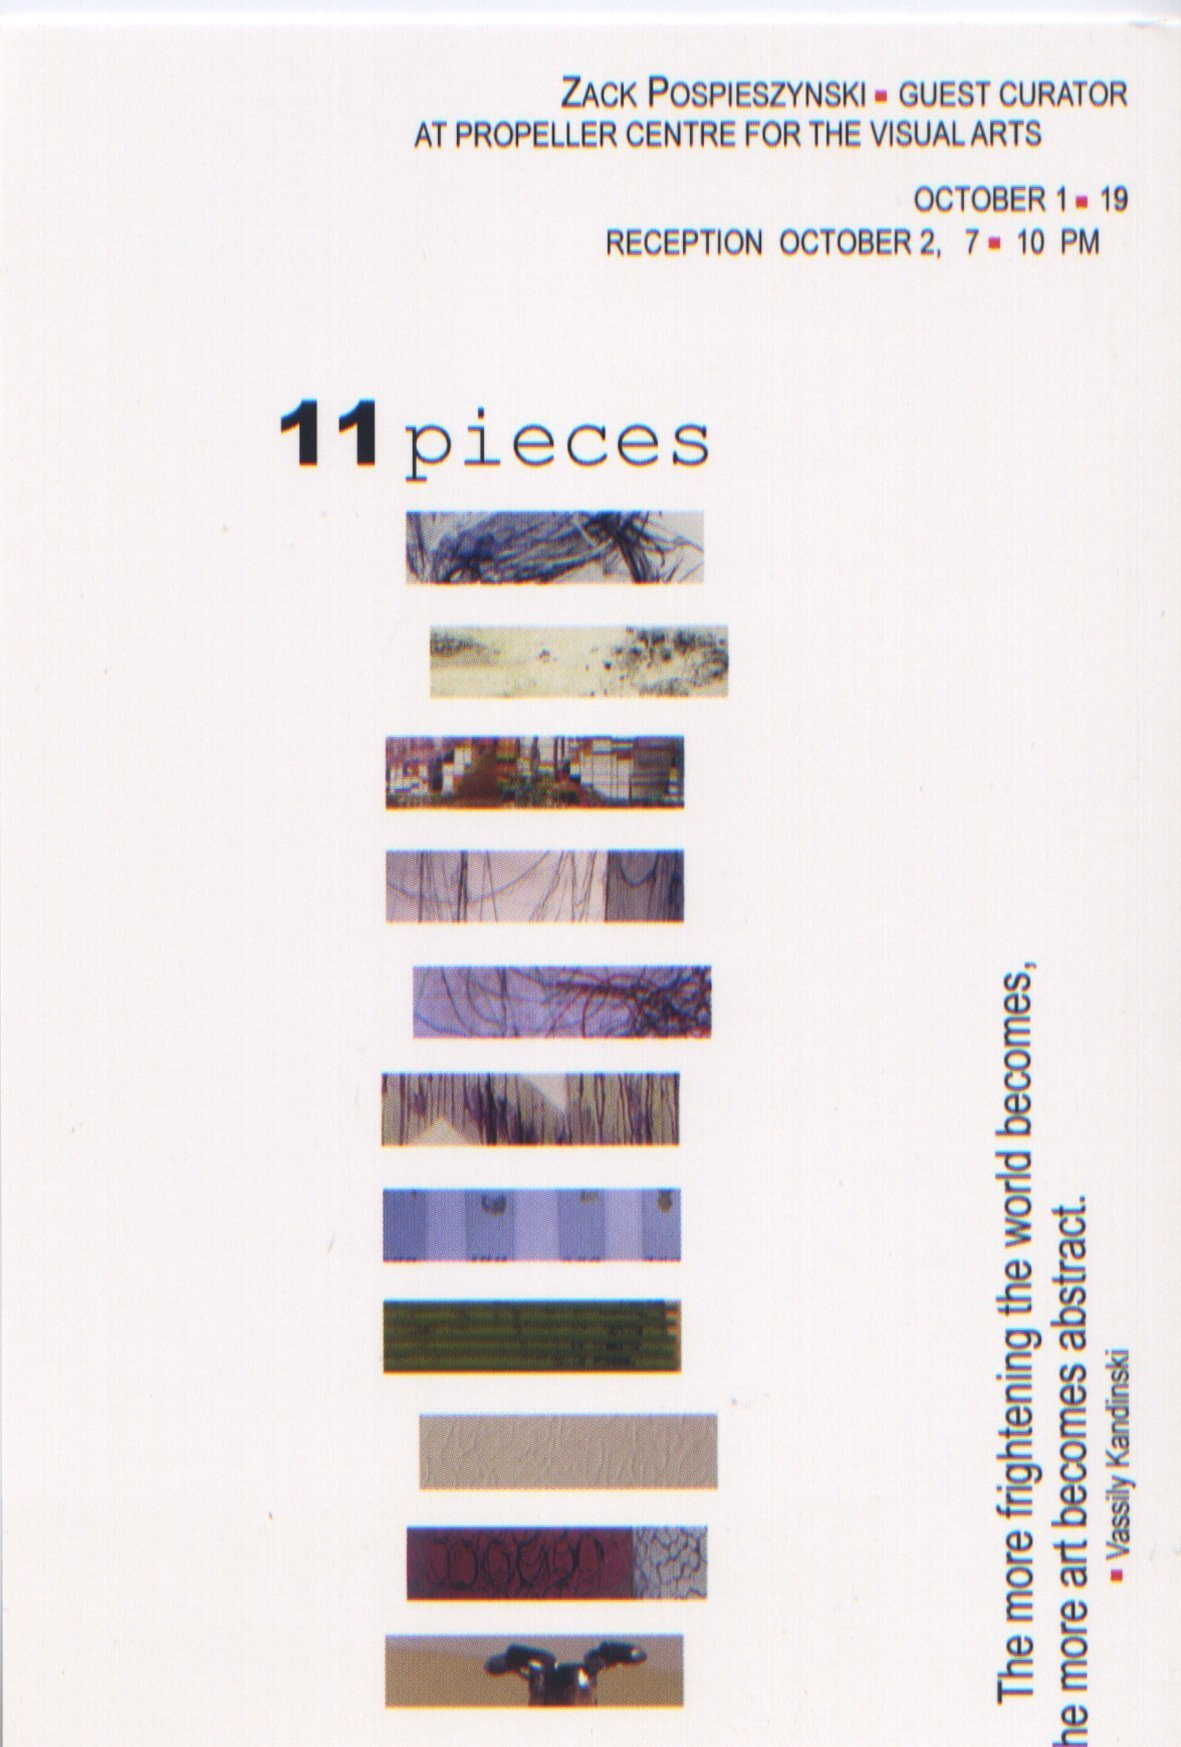 11 Pieces | Curated by Zack Pospieszynski